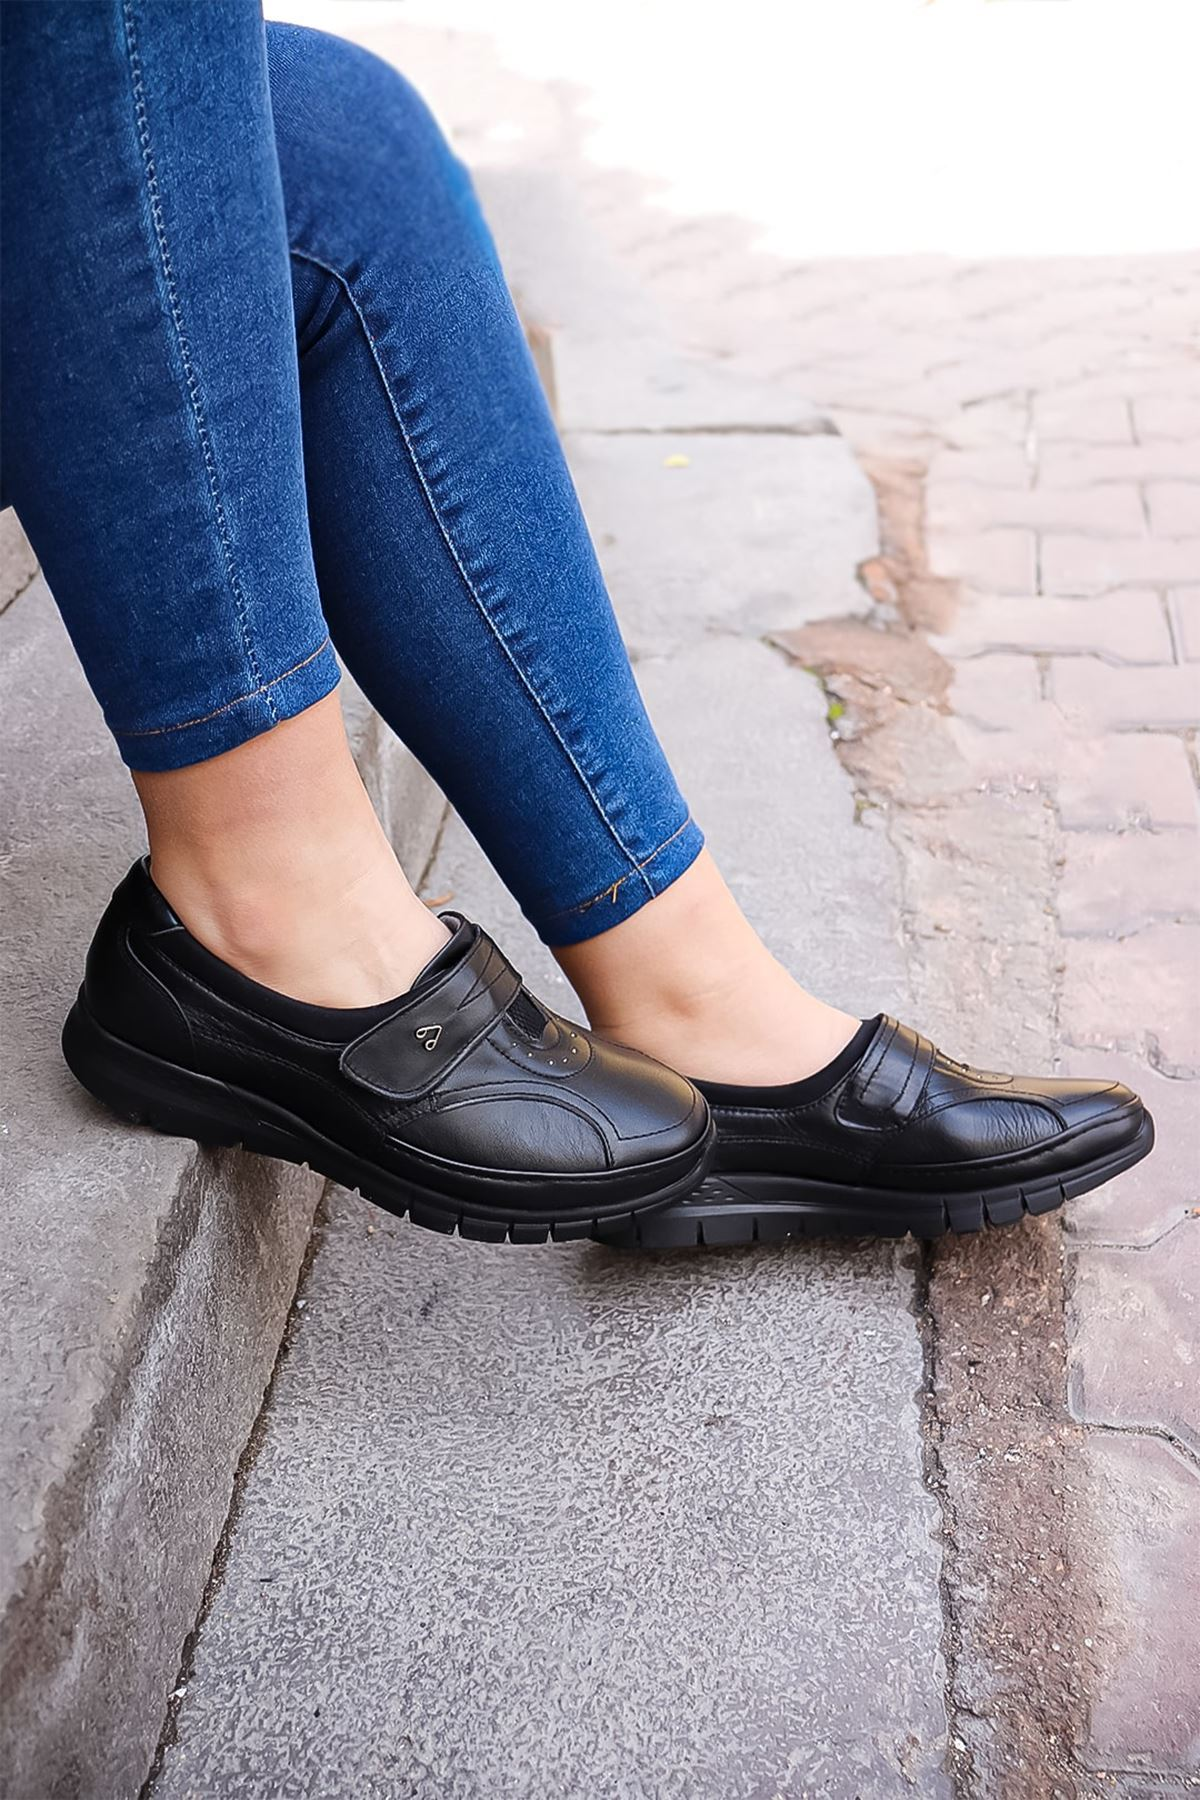 Forelli - 20445 Siyah Ortopedik Cırtlı Kadın Ayakkabısı